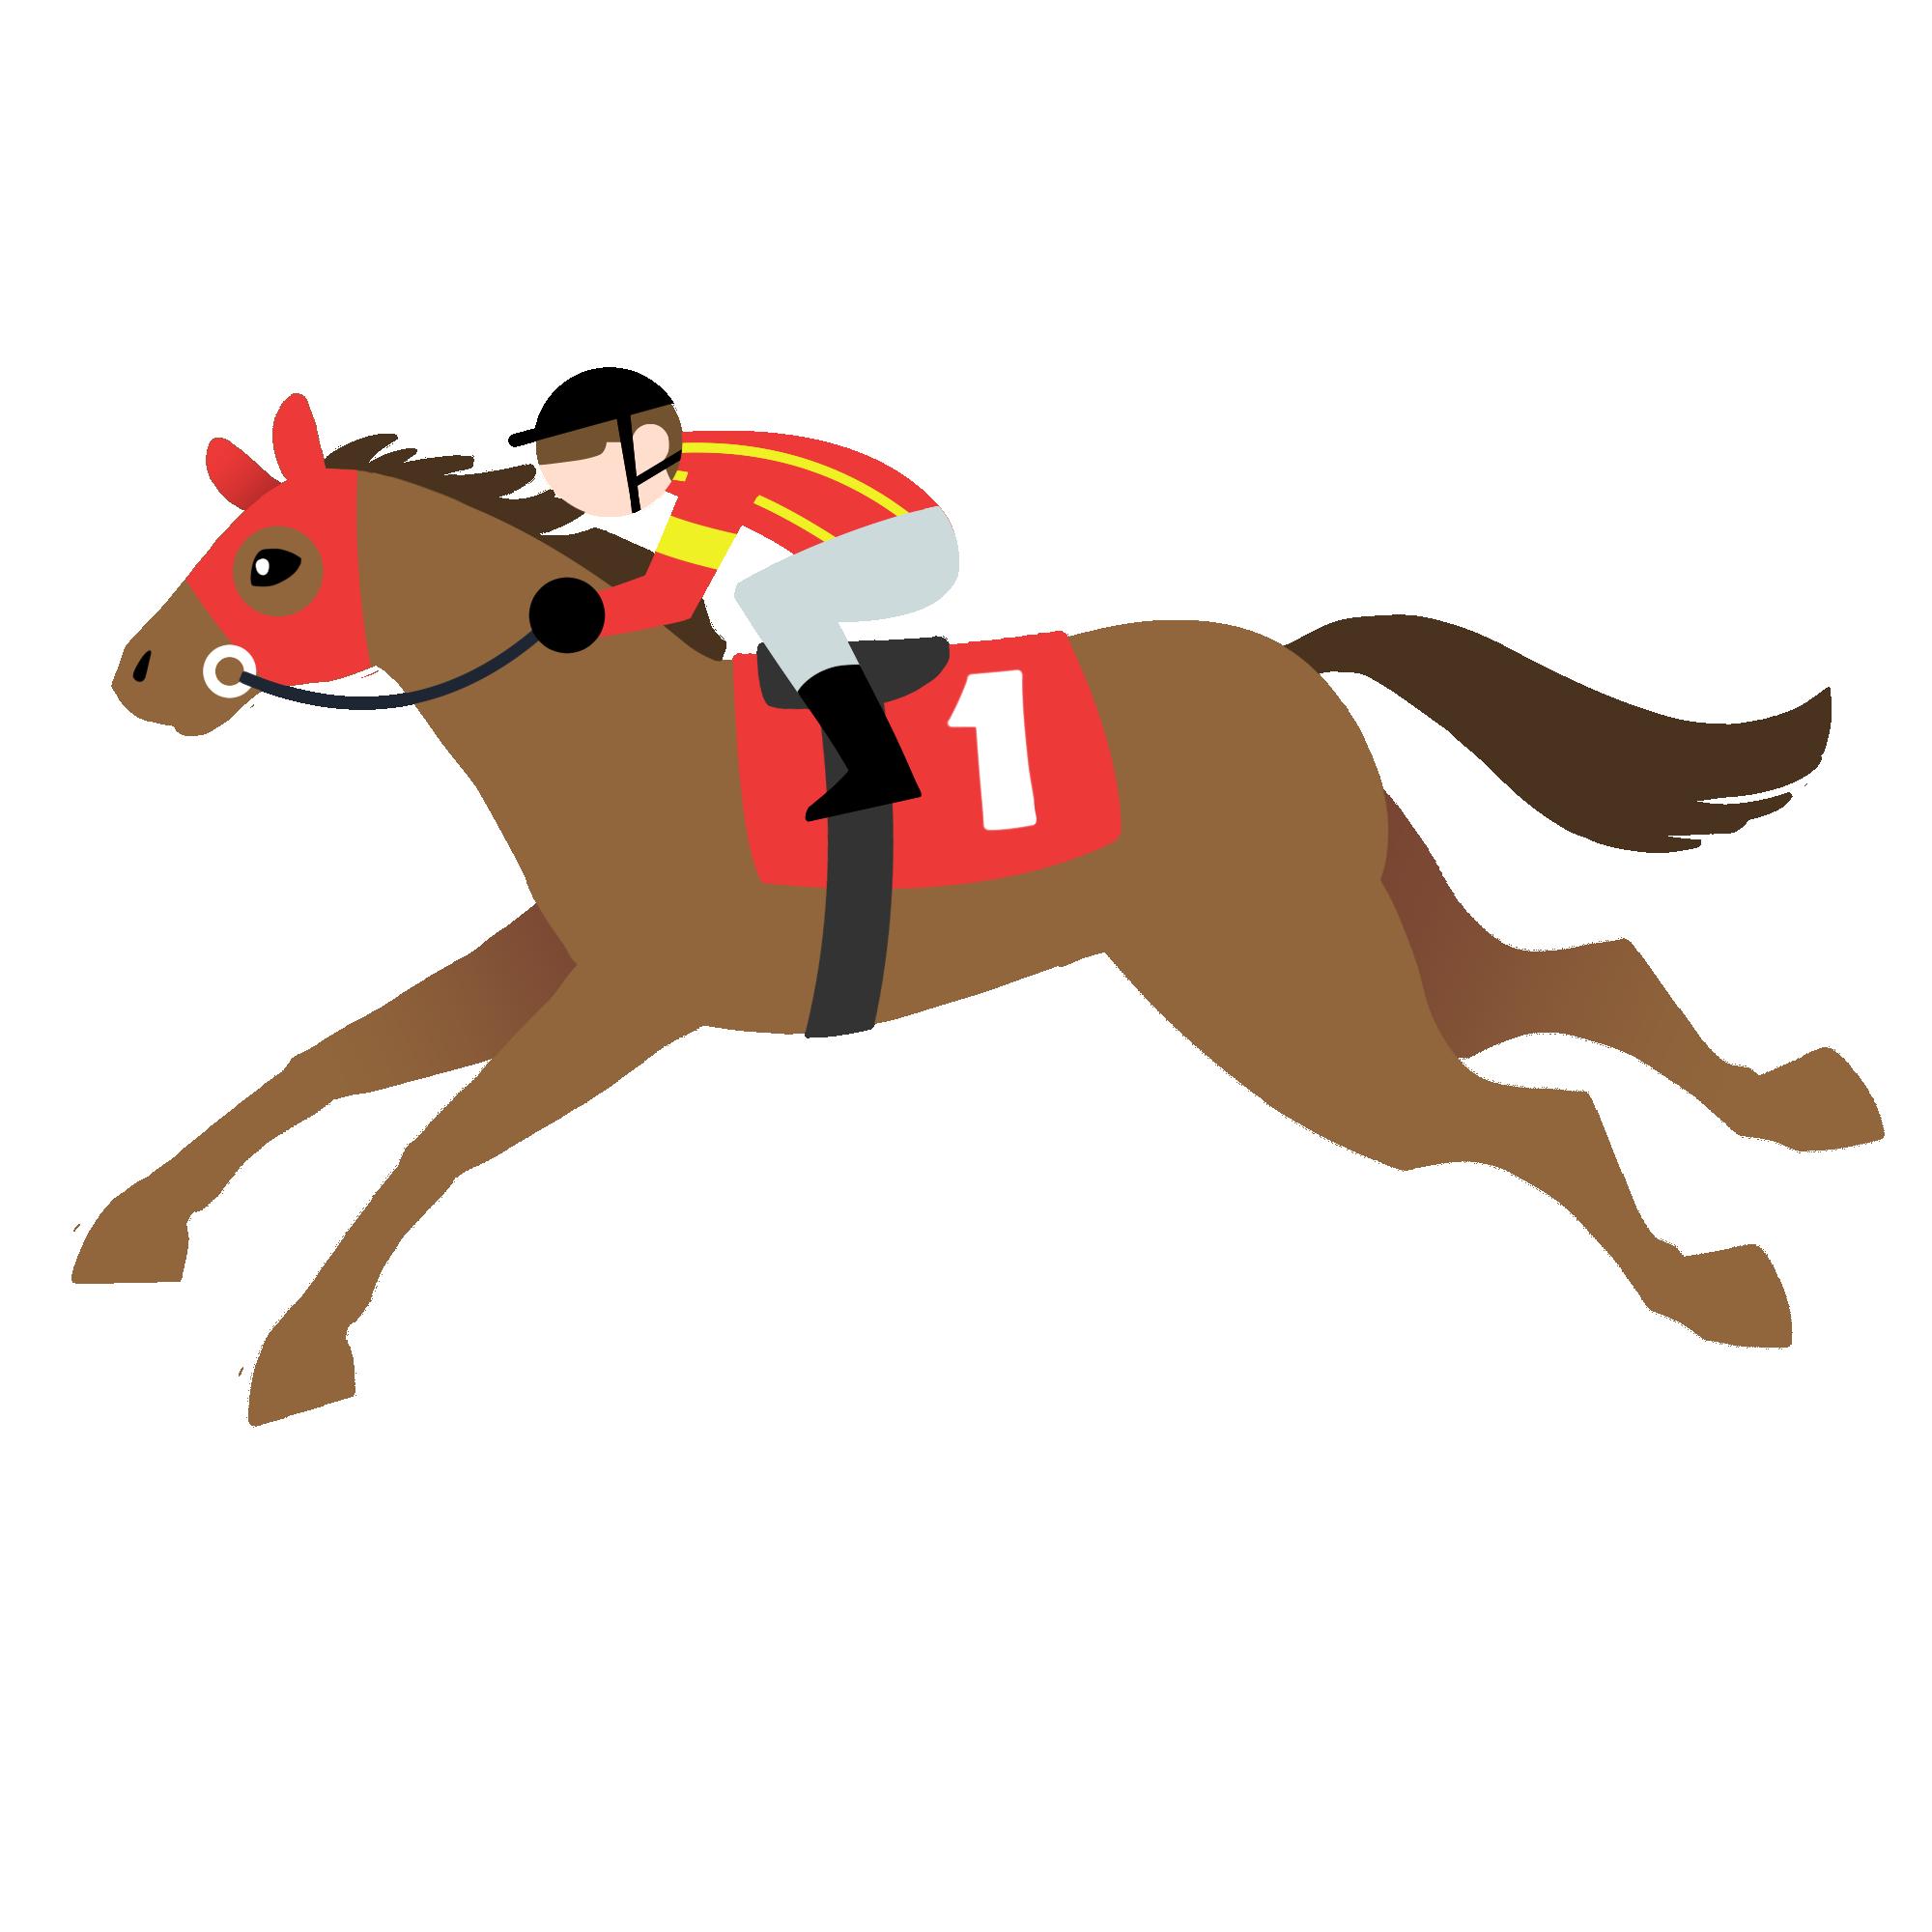 栗毛の走る馬とジョッキー